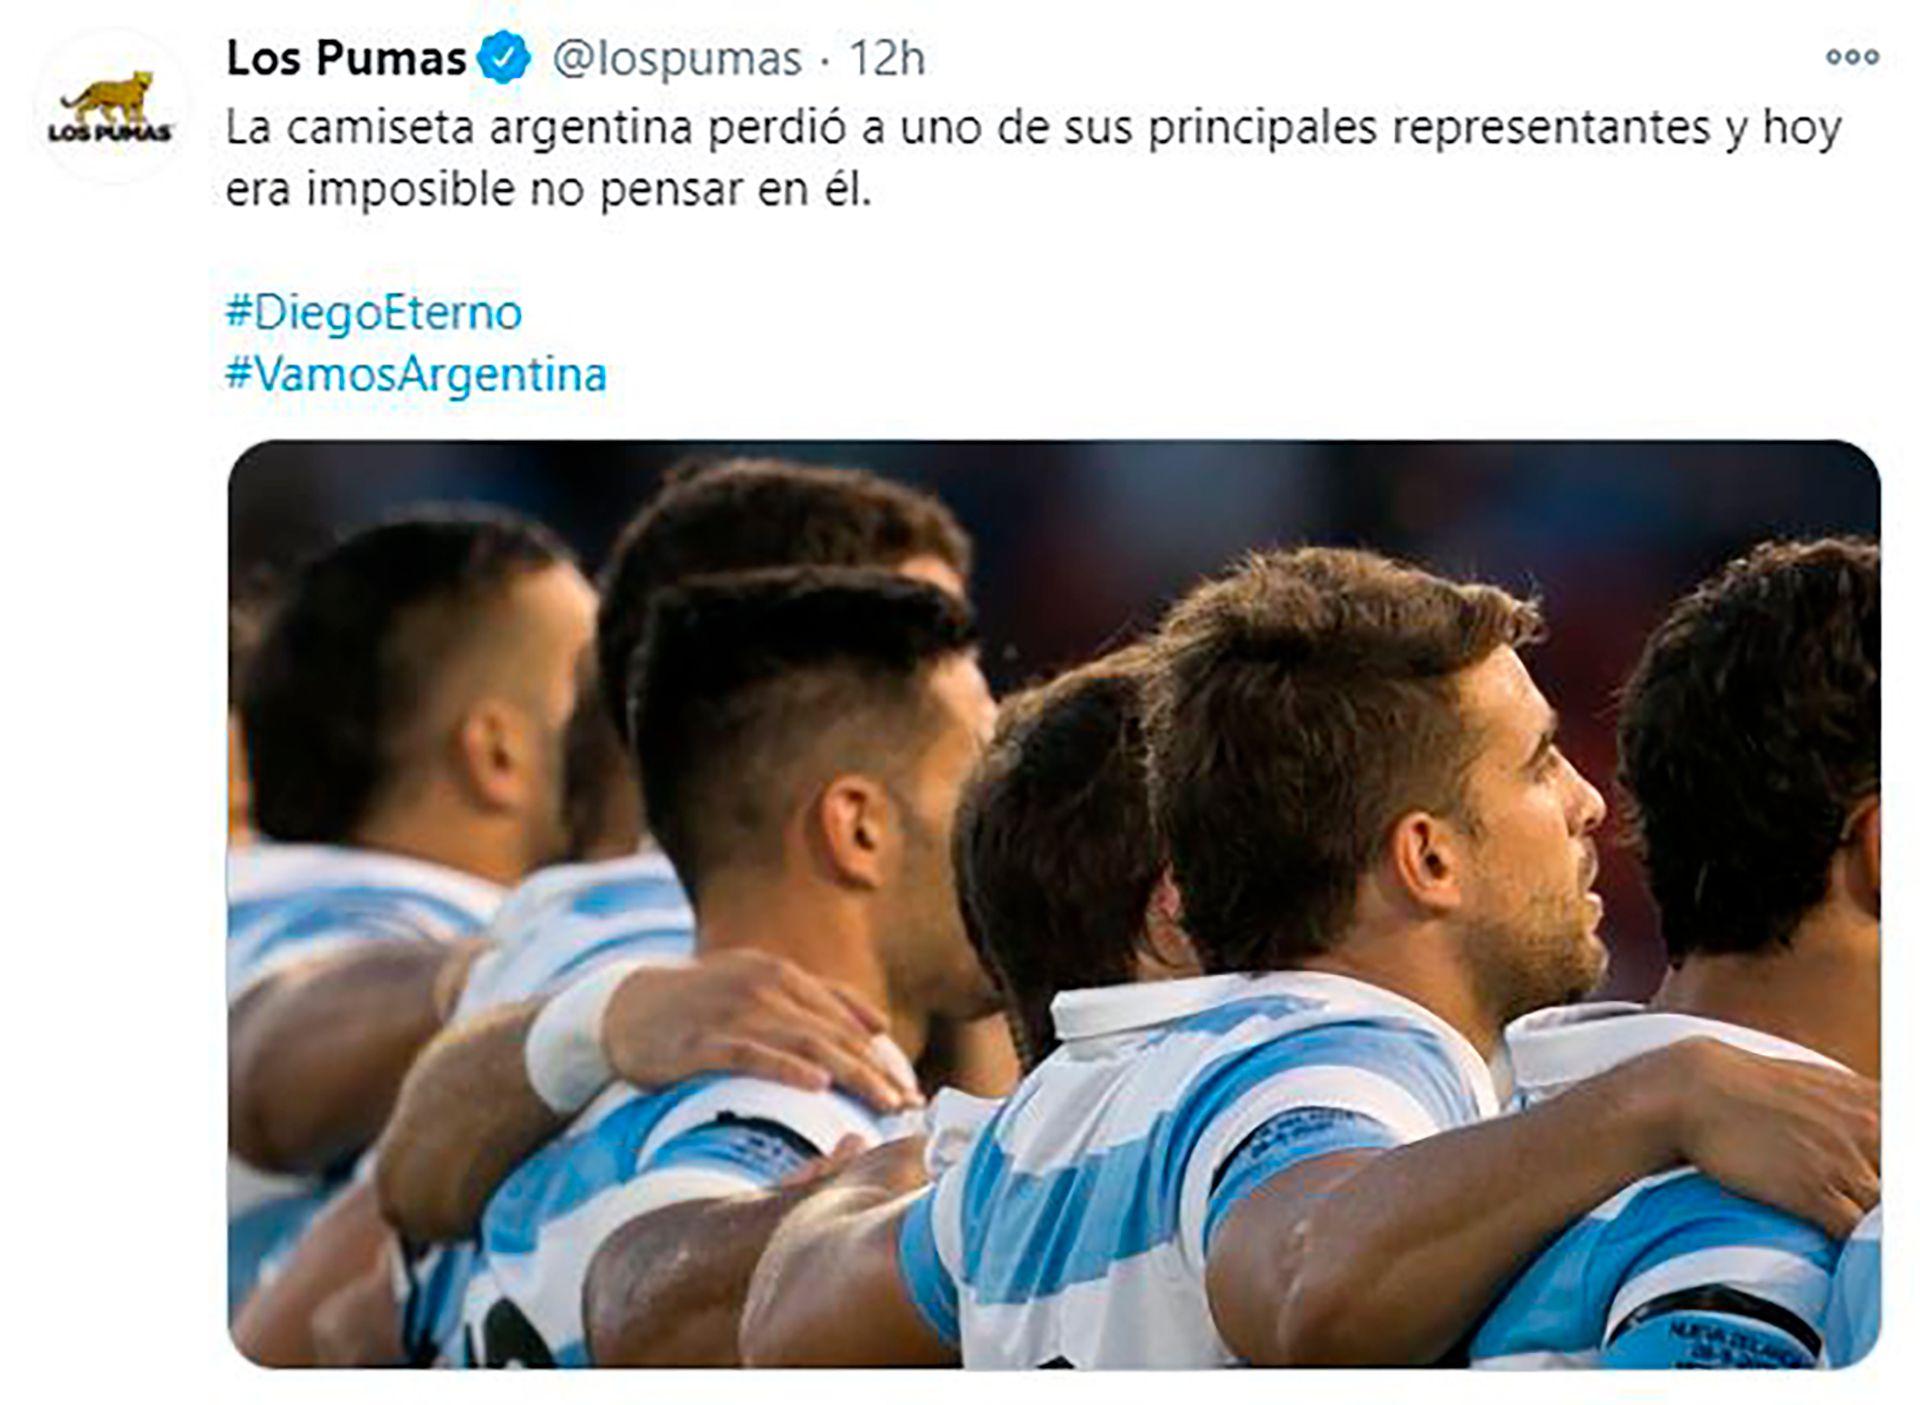 Las criticas a Los Pumas en redes sociales